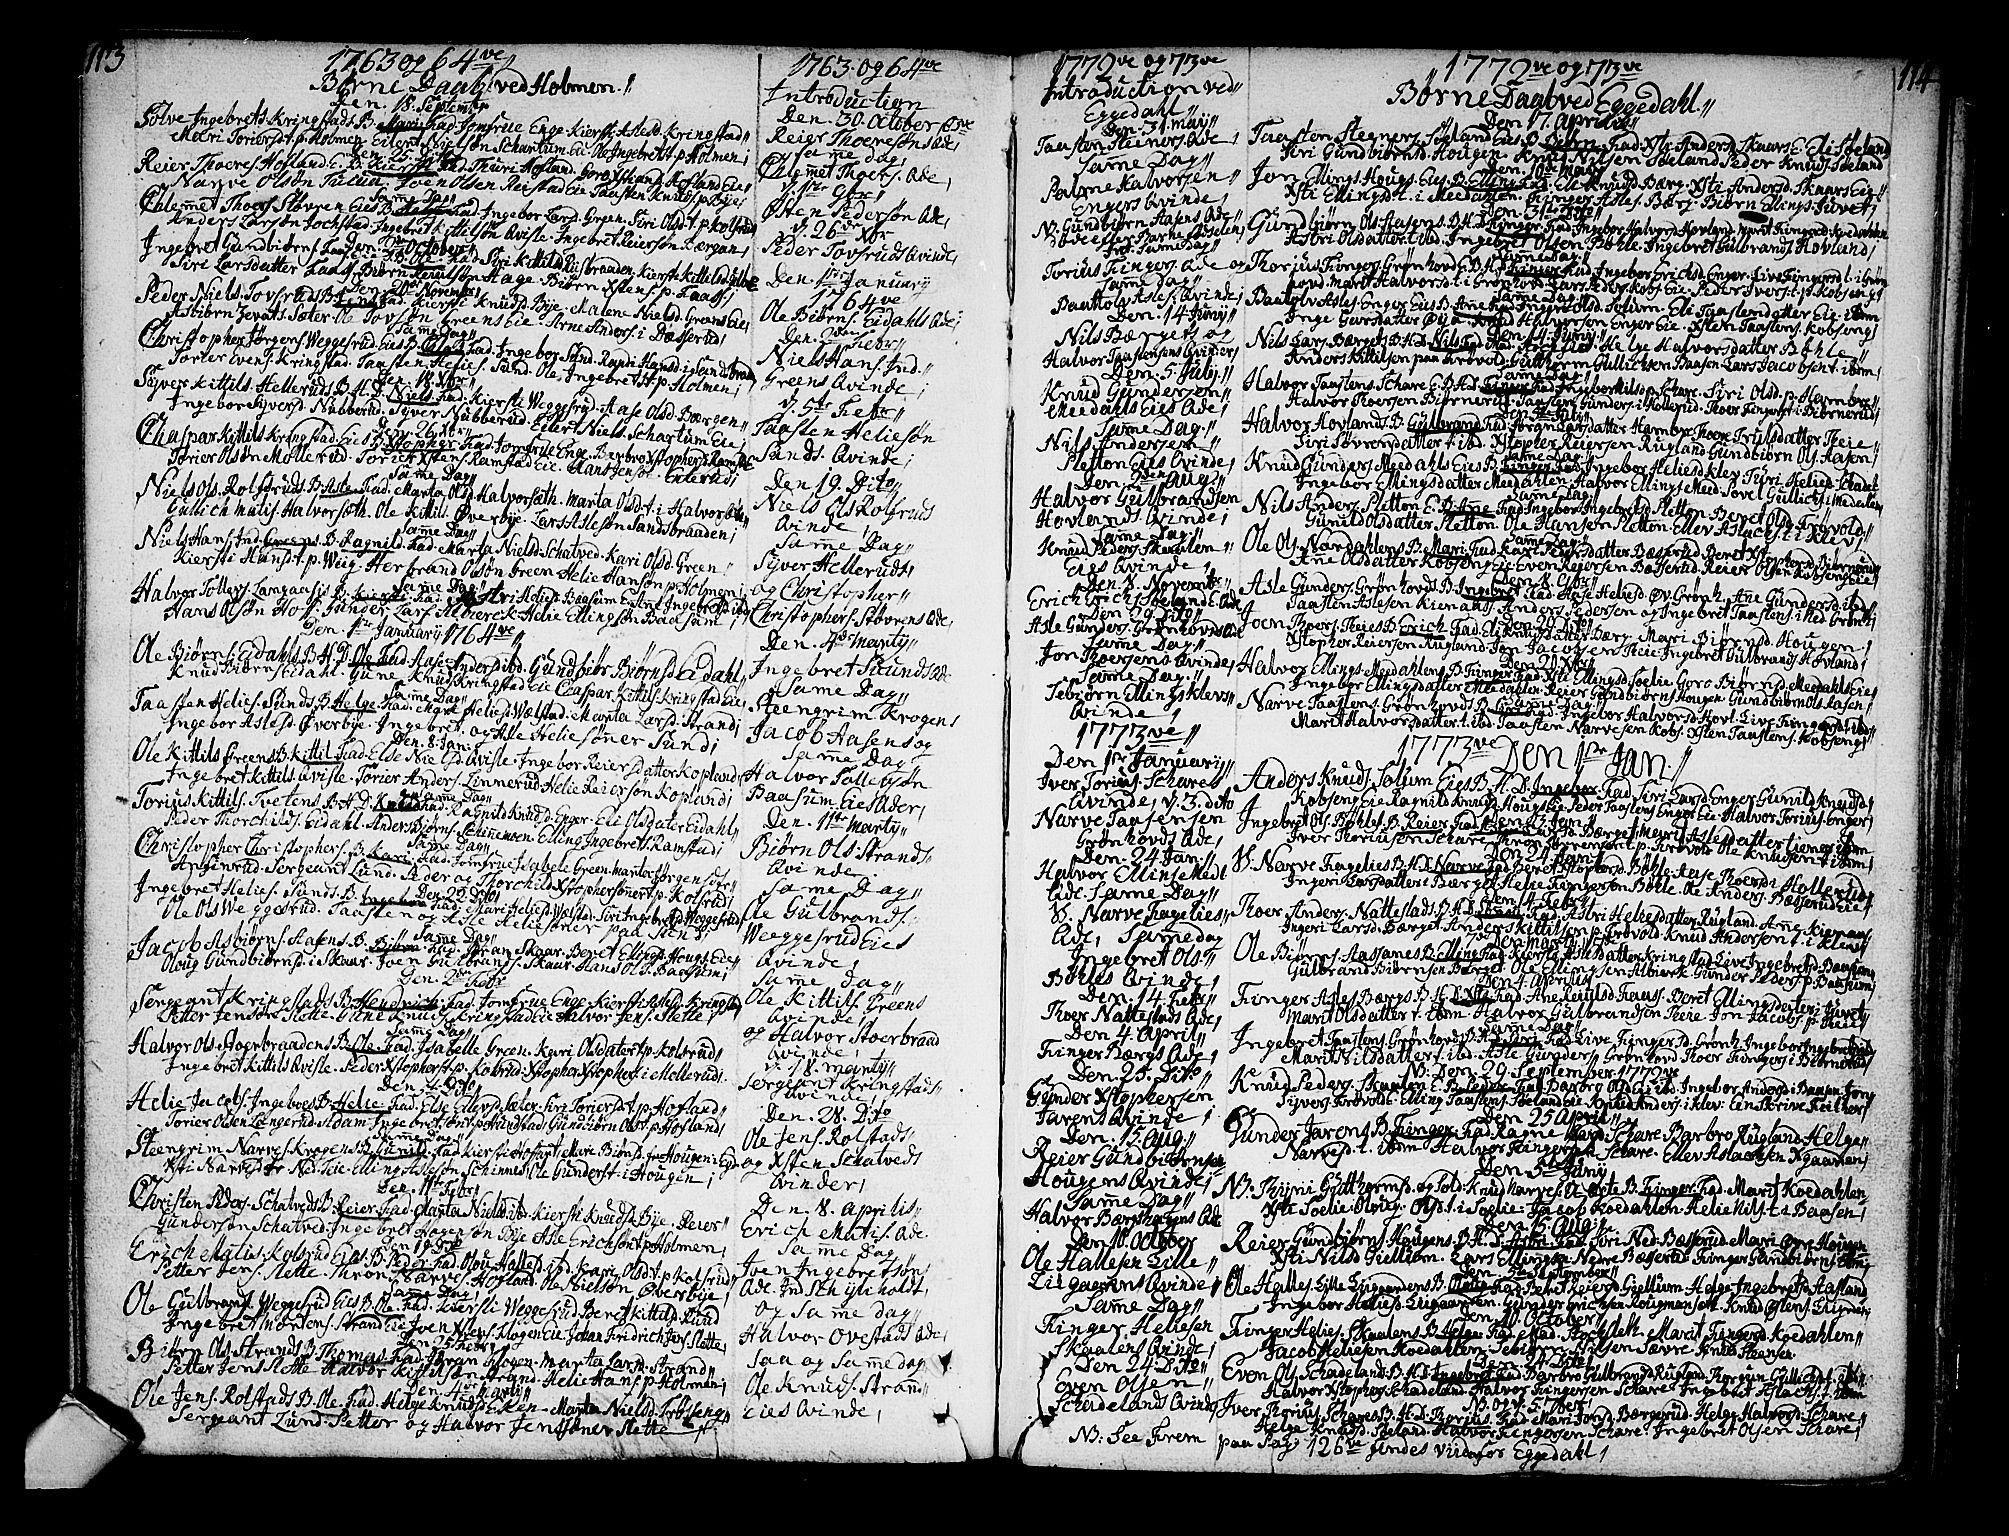 SAKO, Sigdal kirkebøker, F/Fa/L0001: Ministerialbok nr. I 1, 1722-1777, s. 113-114